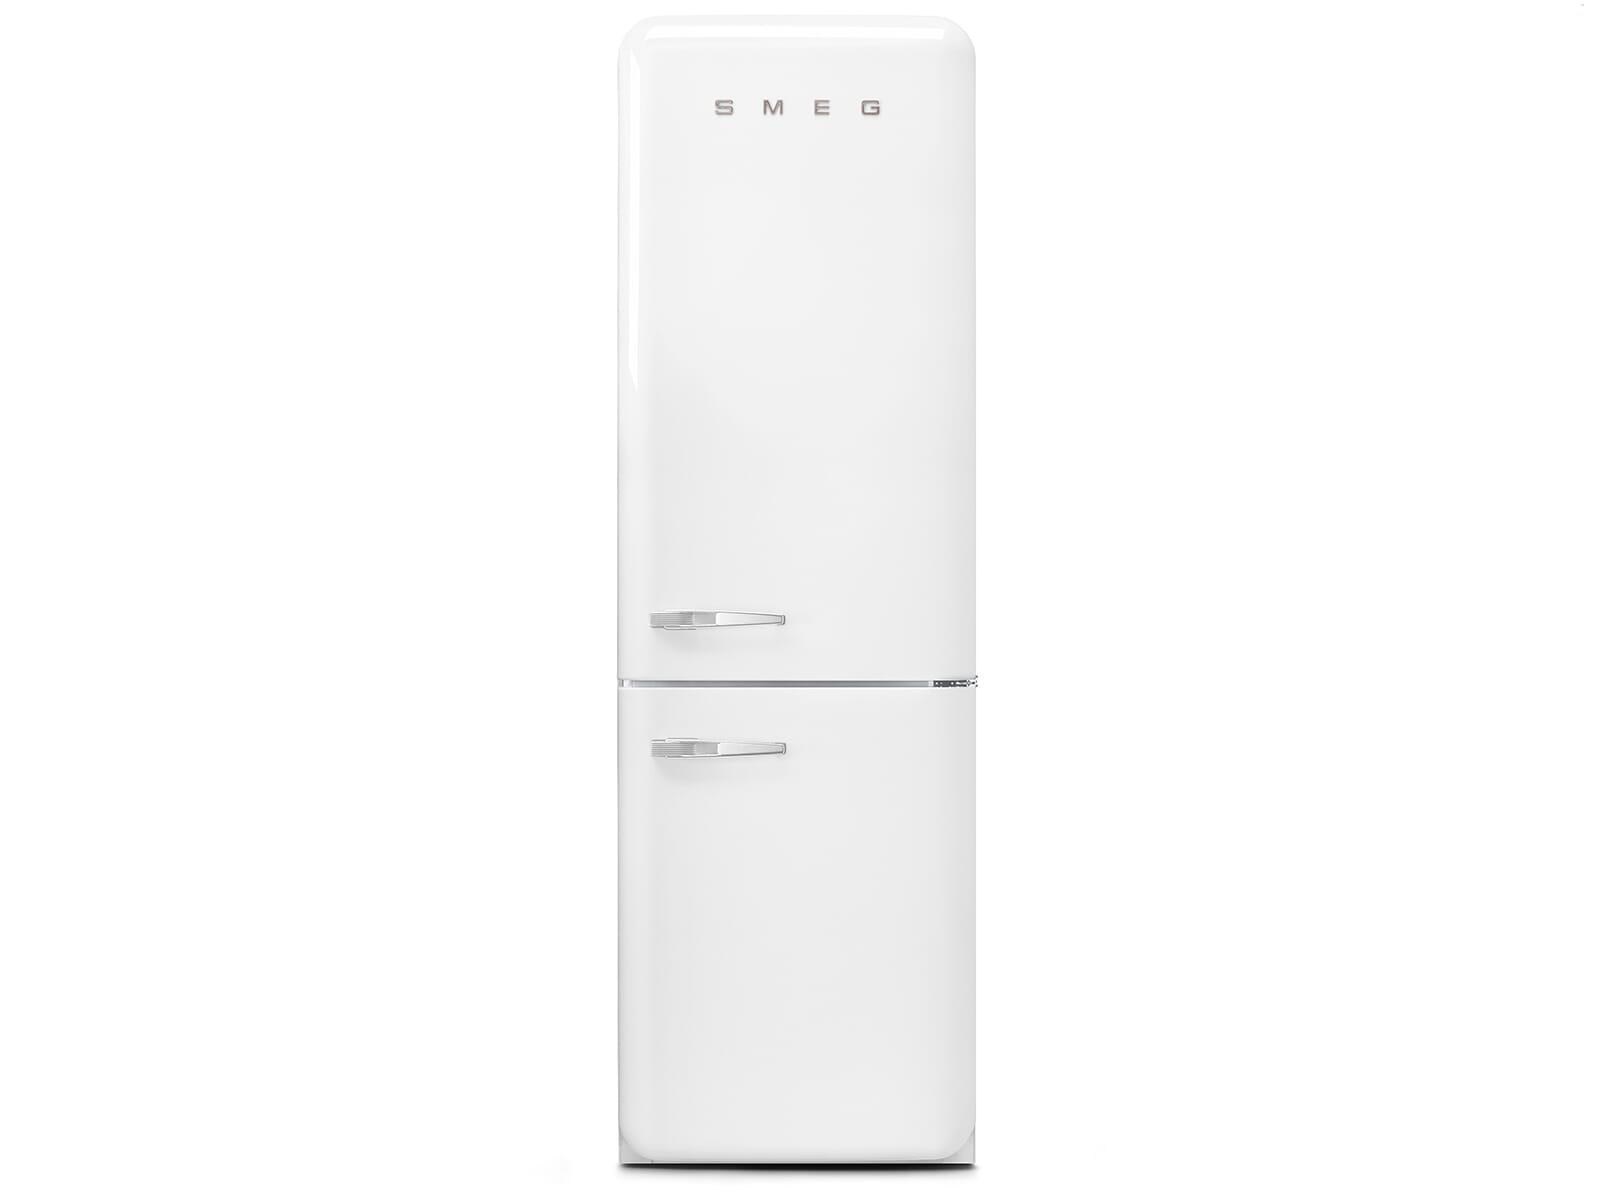 Smeg Kühlschrank Biofresh : Smeg fab32rwh3 kühl gefrierkombination weiß